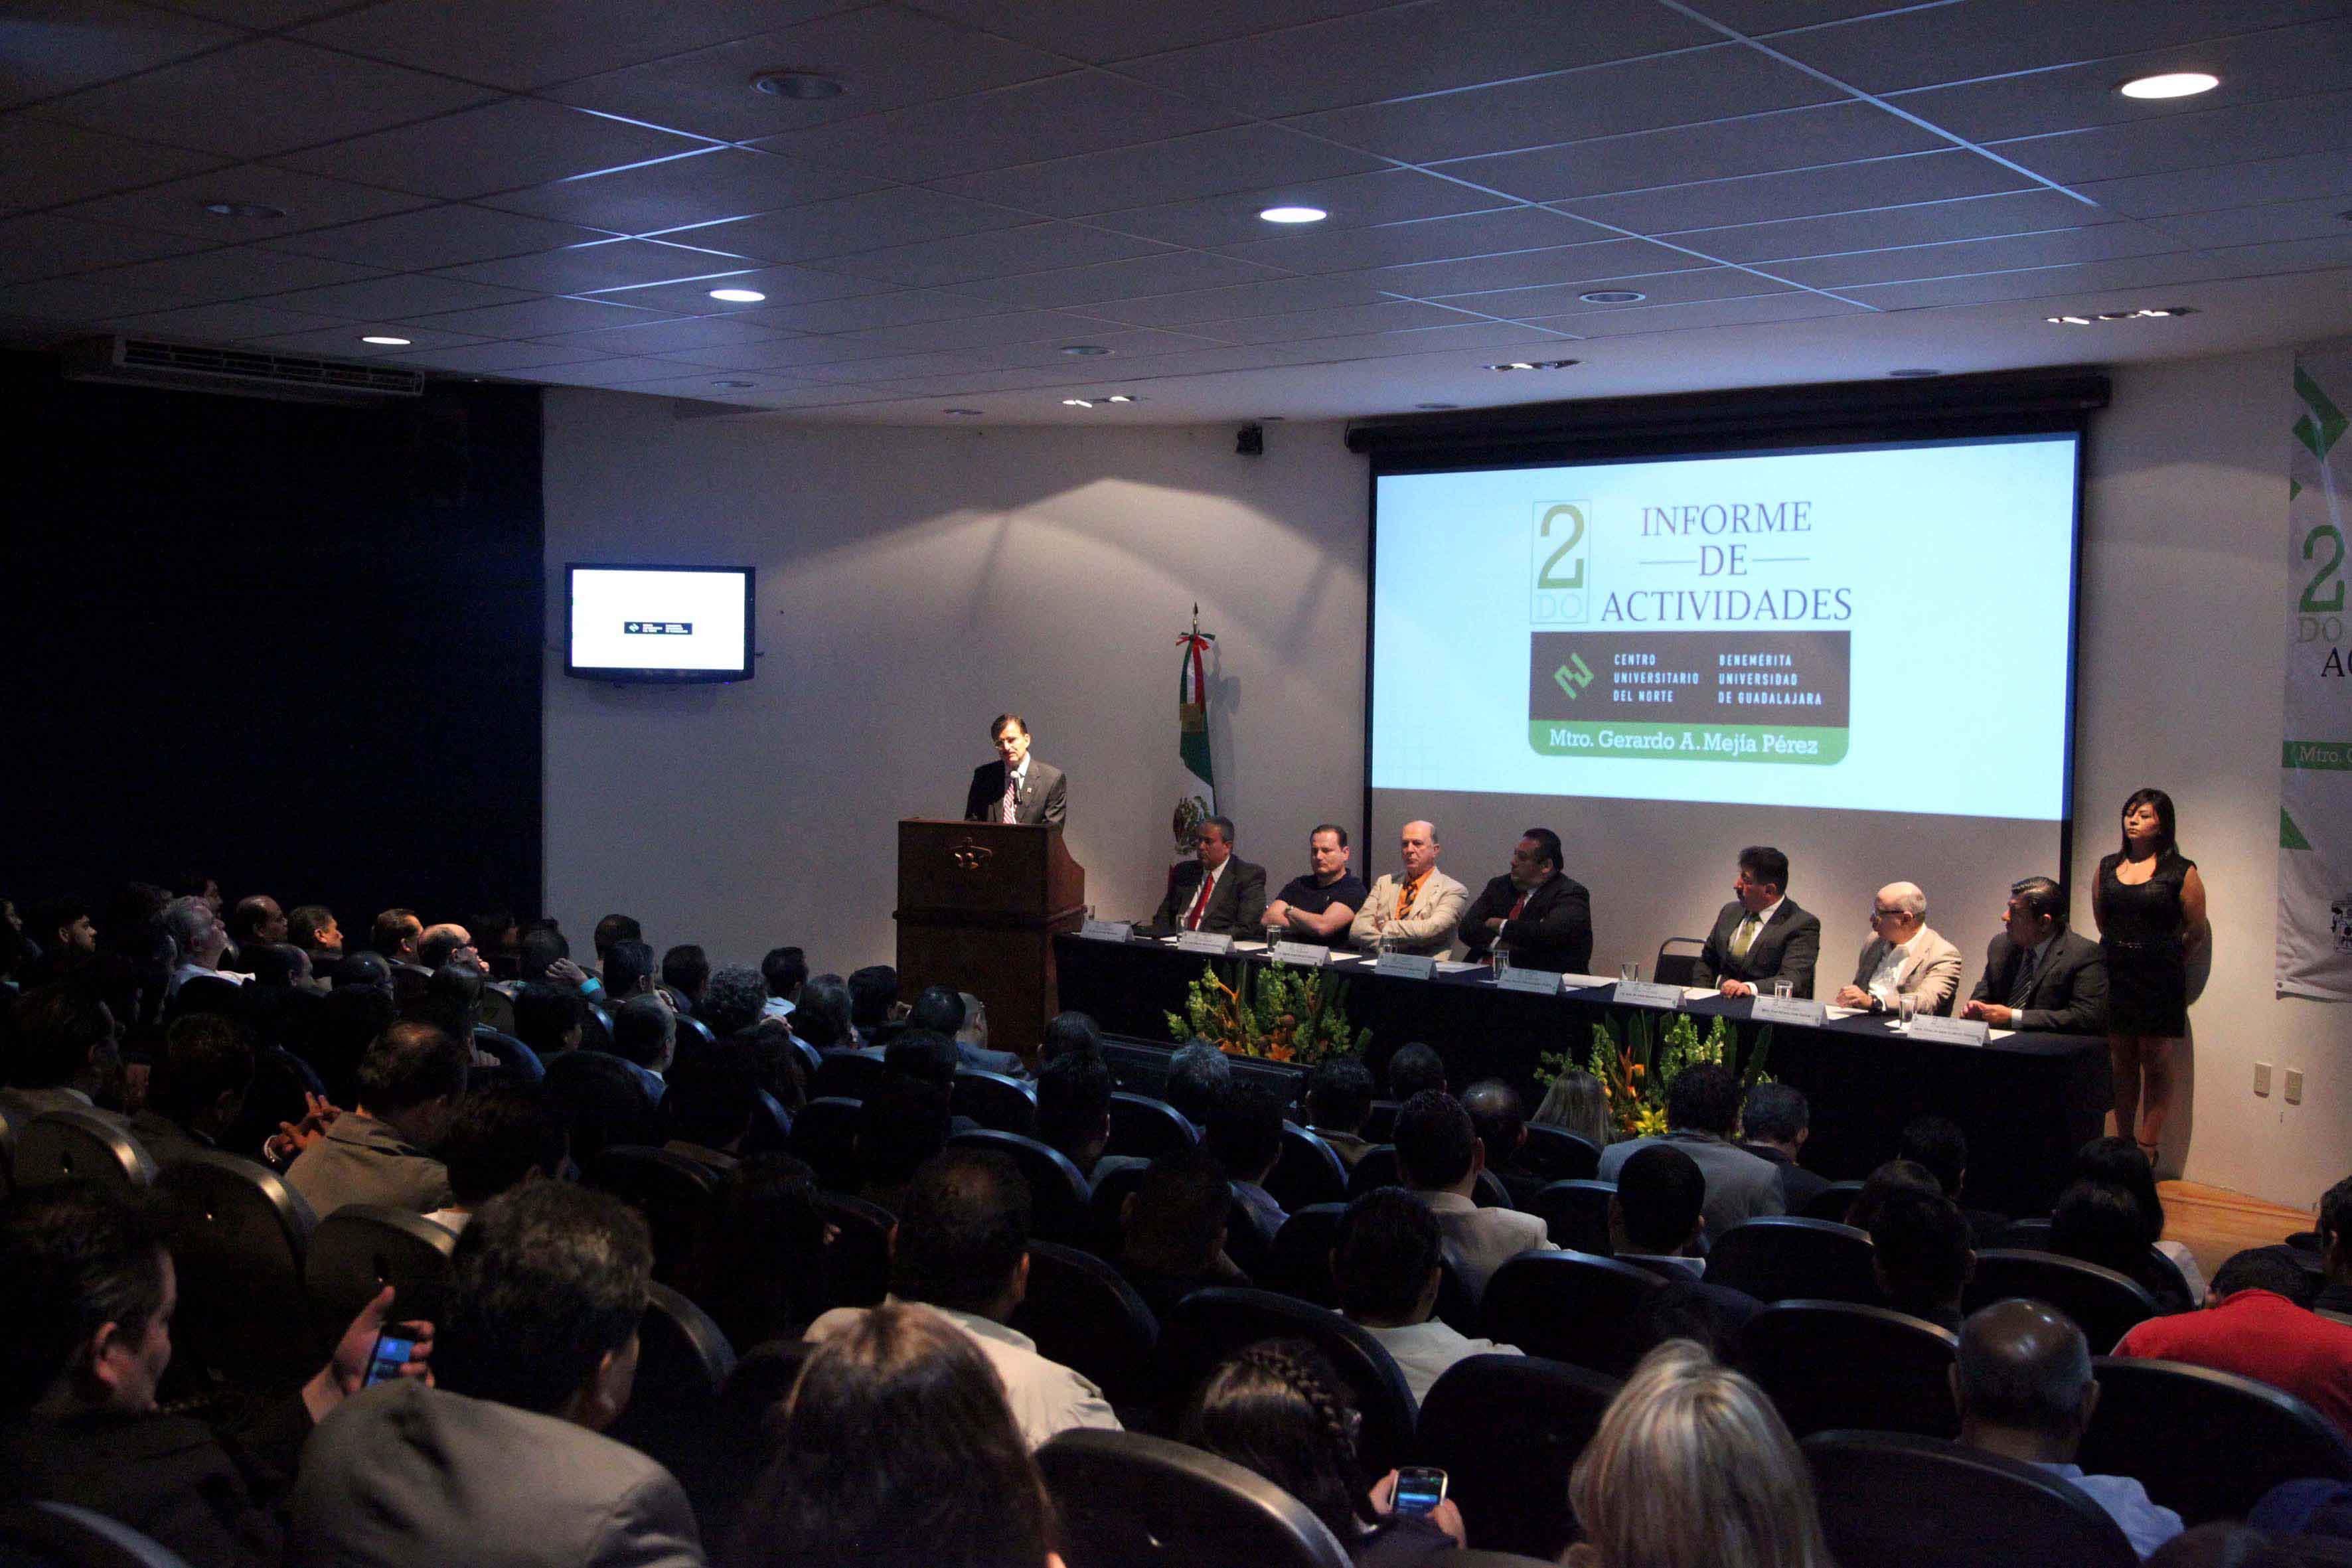 Rector General ante autoridades universitarias del centro en el segundo informe de actividades del maestro Gerardo Alberto Mejía Pérez, Rector de CUNorte.